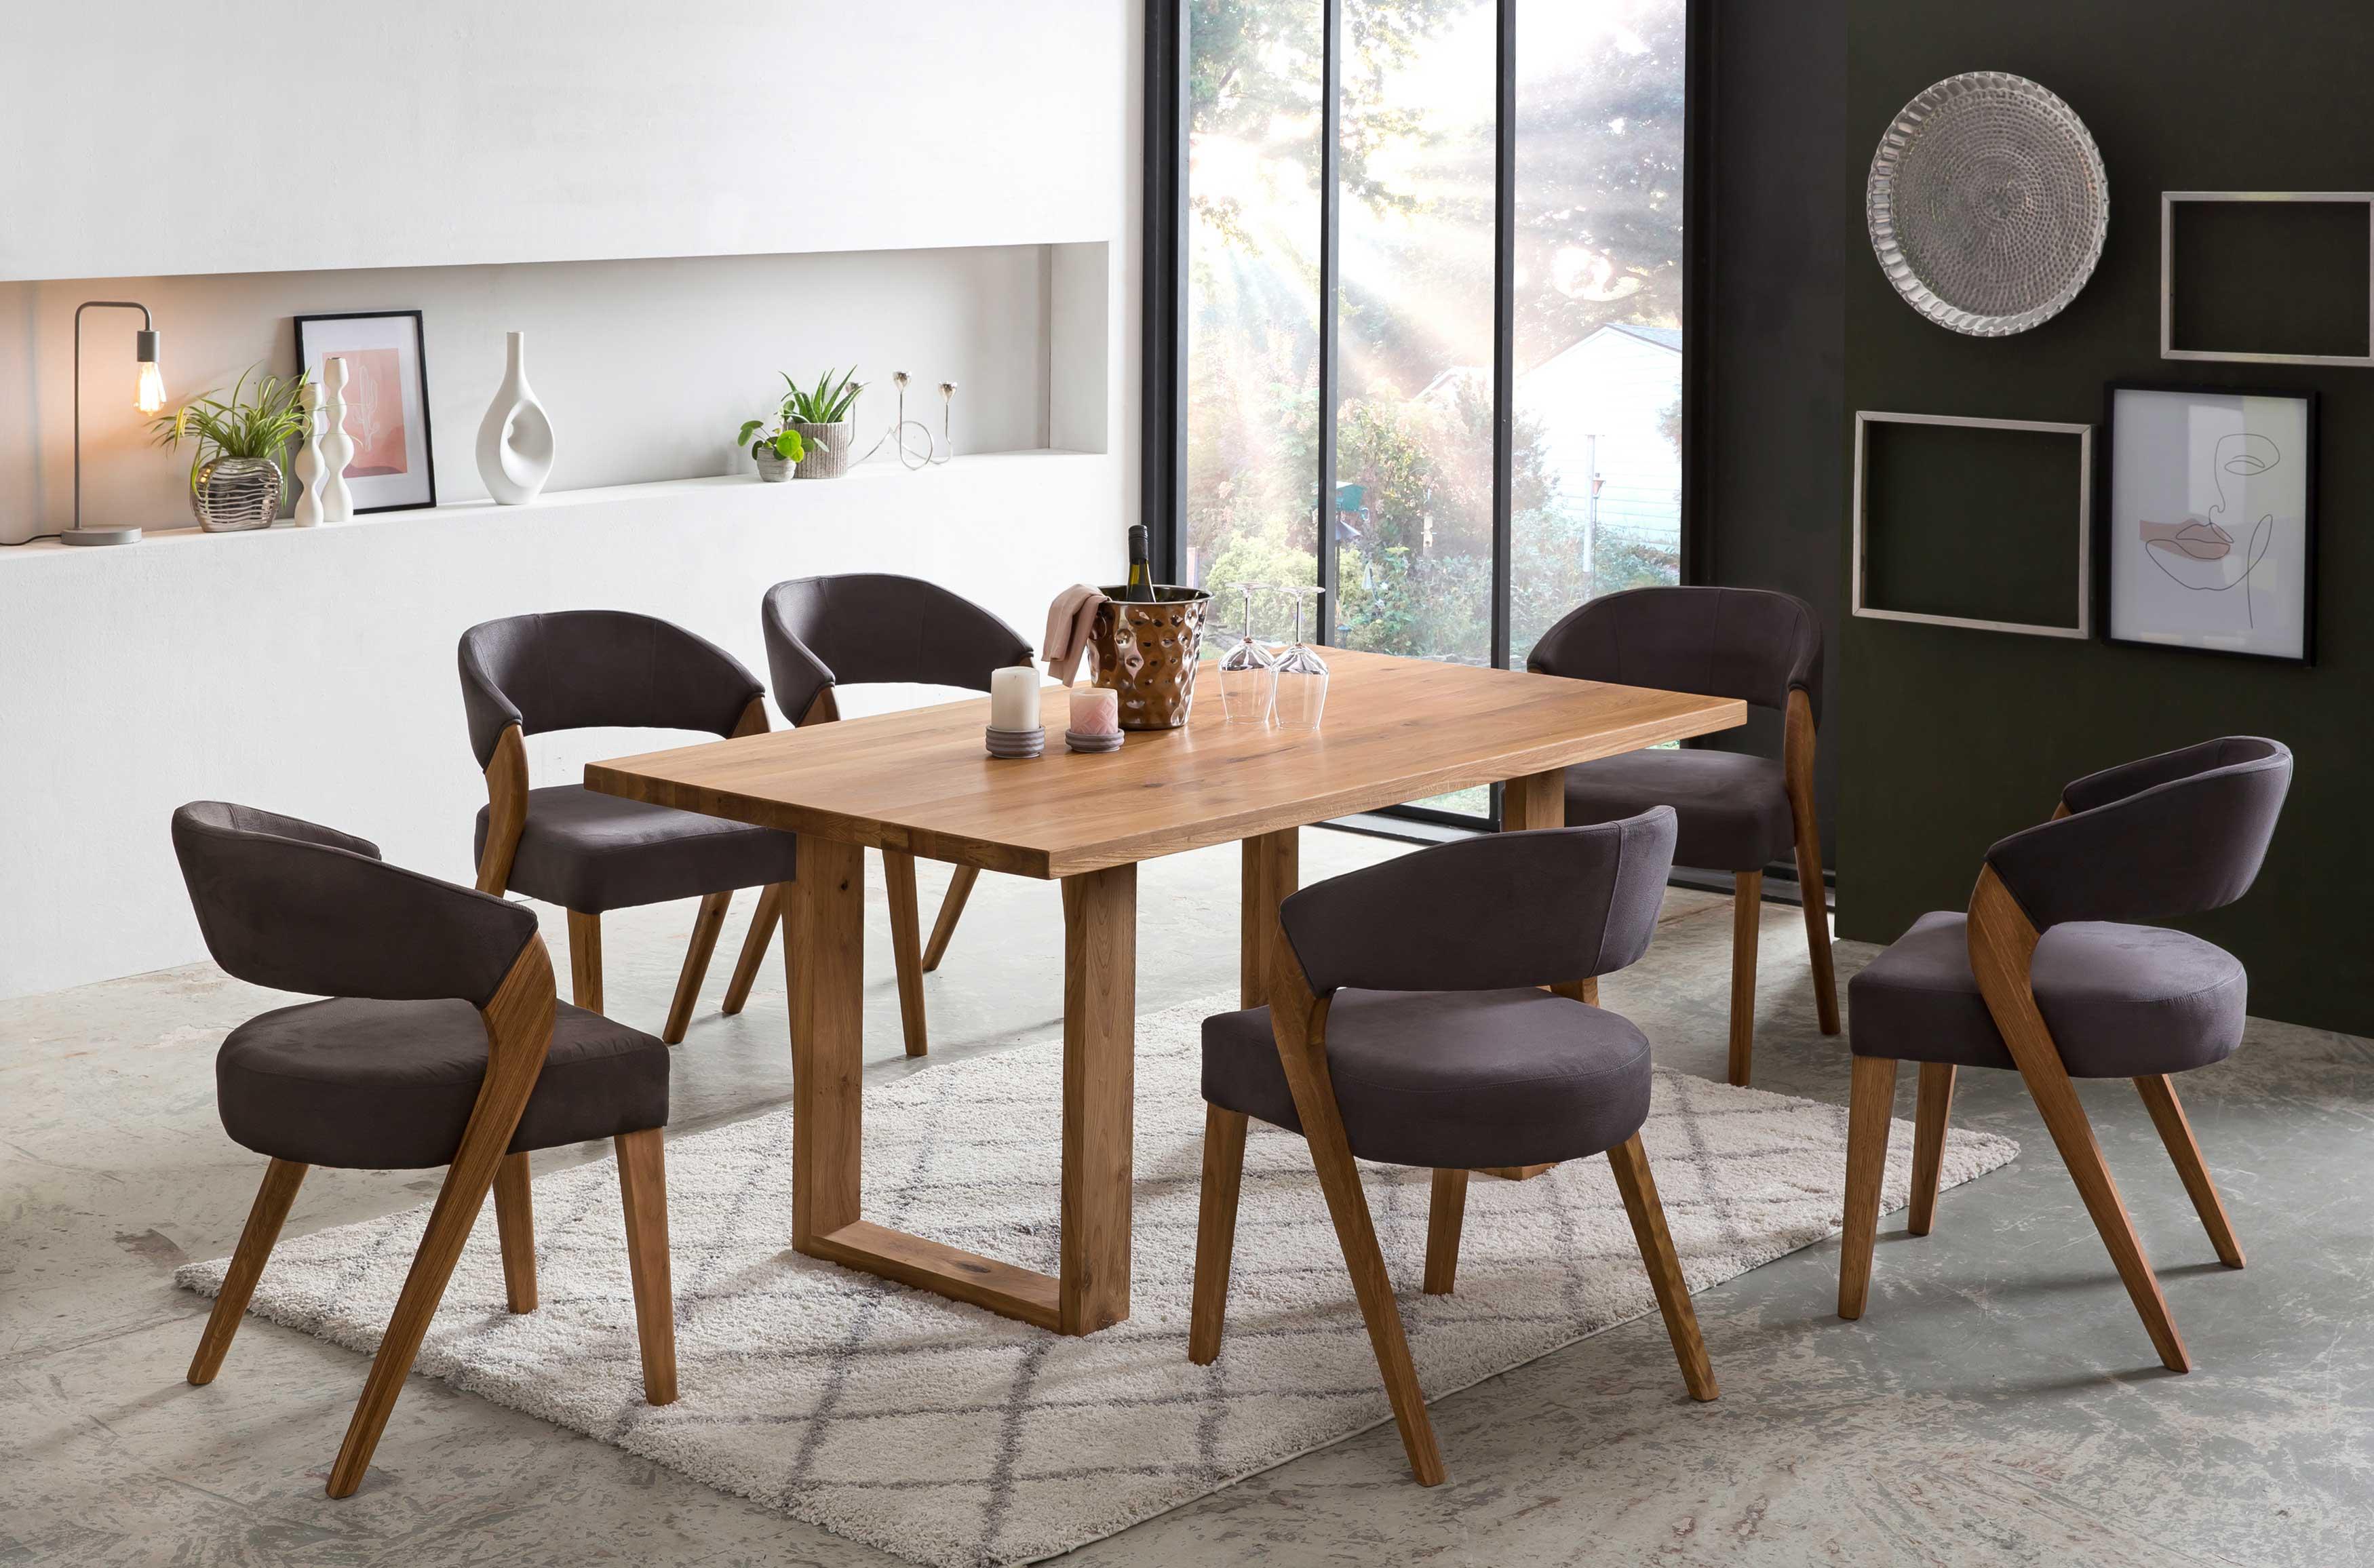 Standard Furniture Tischgruppe mit Orlando Massivholztisch und Stühlen Almada eiche